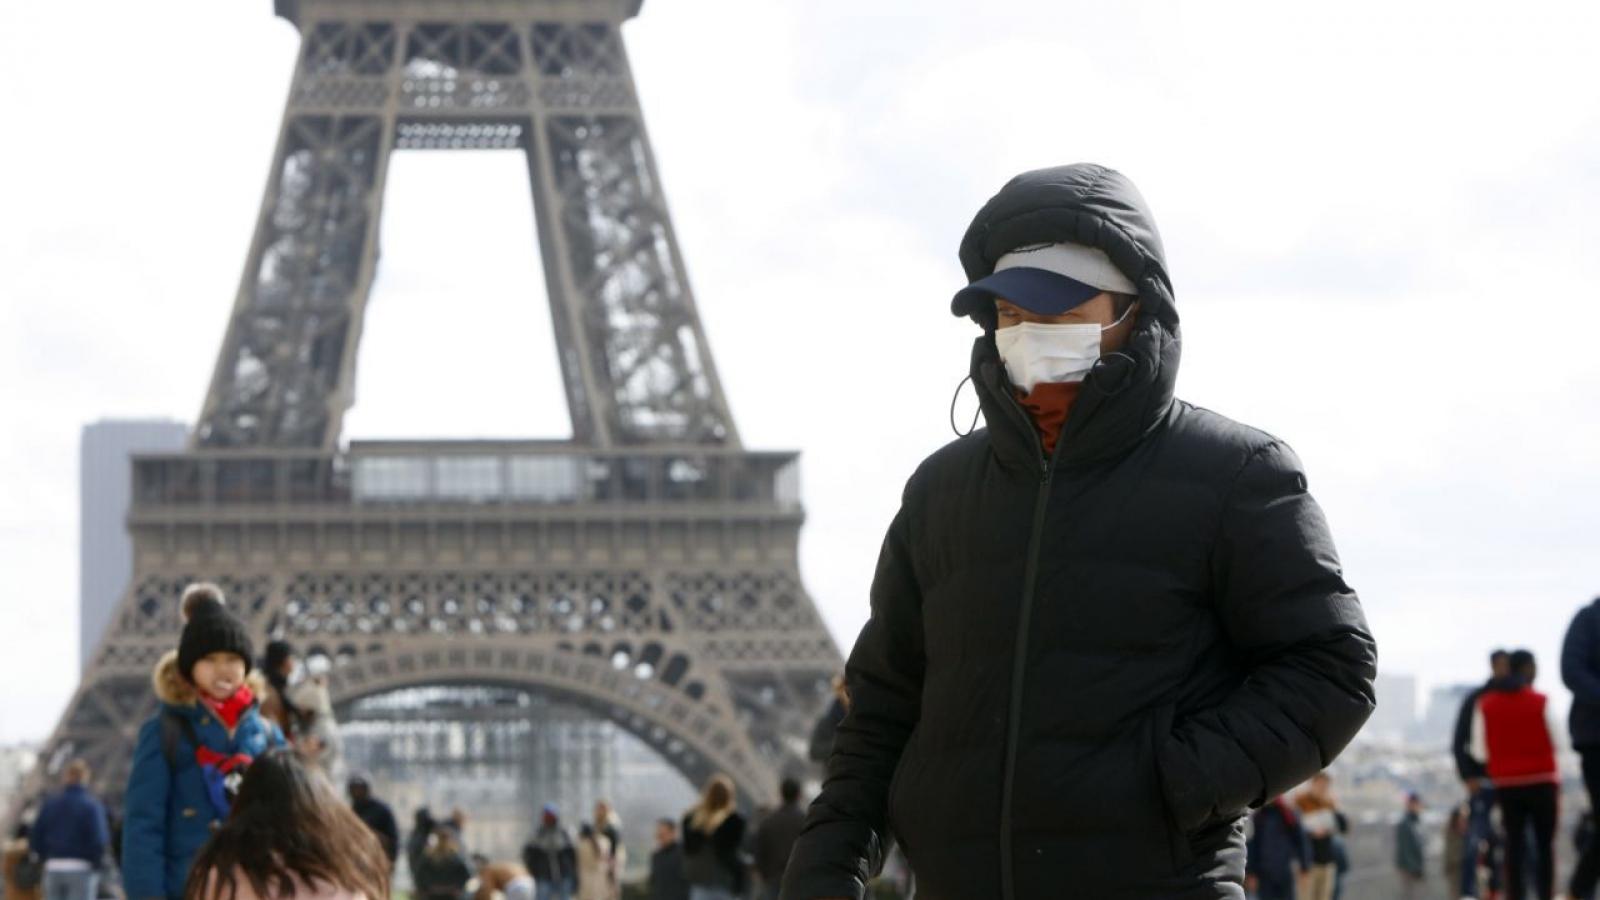 Pháp sẽ phong tỏa nghiêm ngặt nếu không kiểm soát được biến thể SARS CoV-2